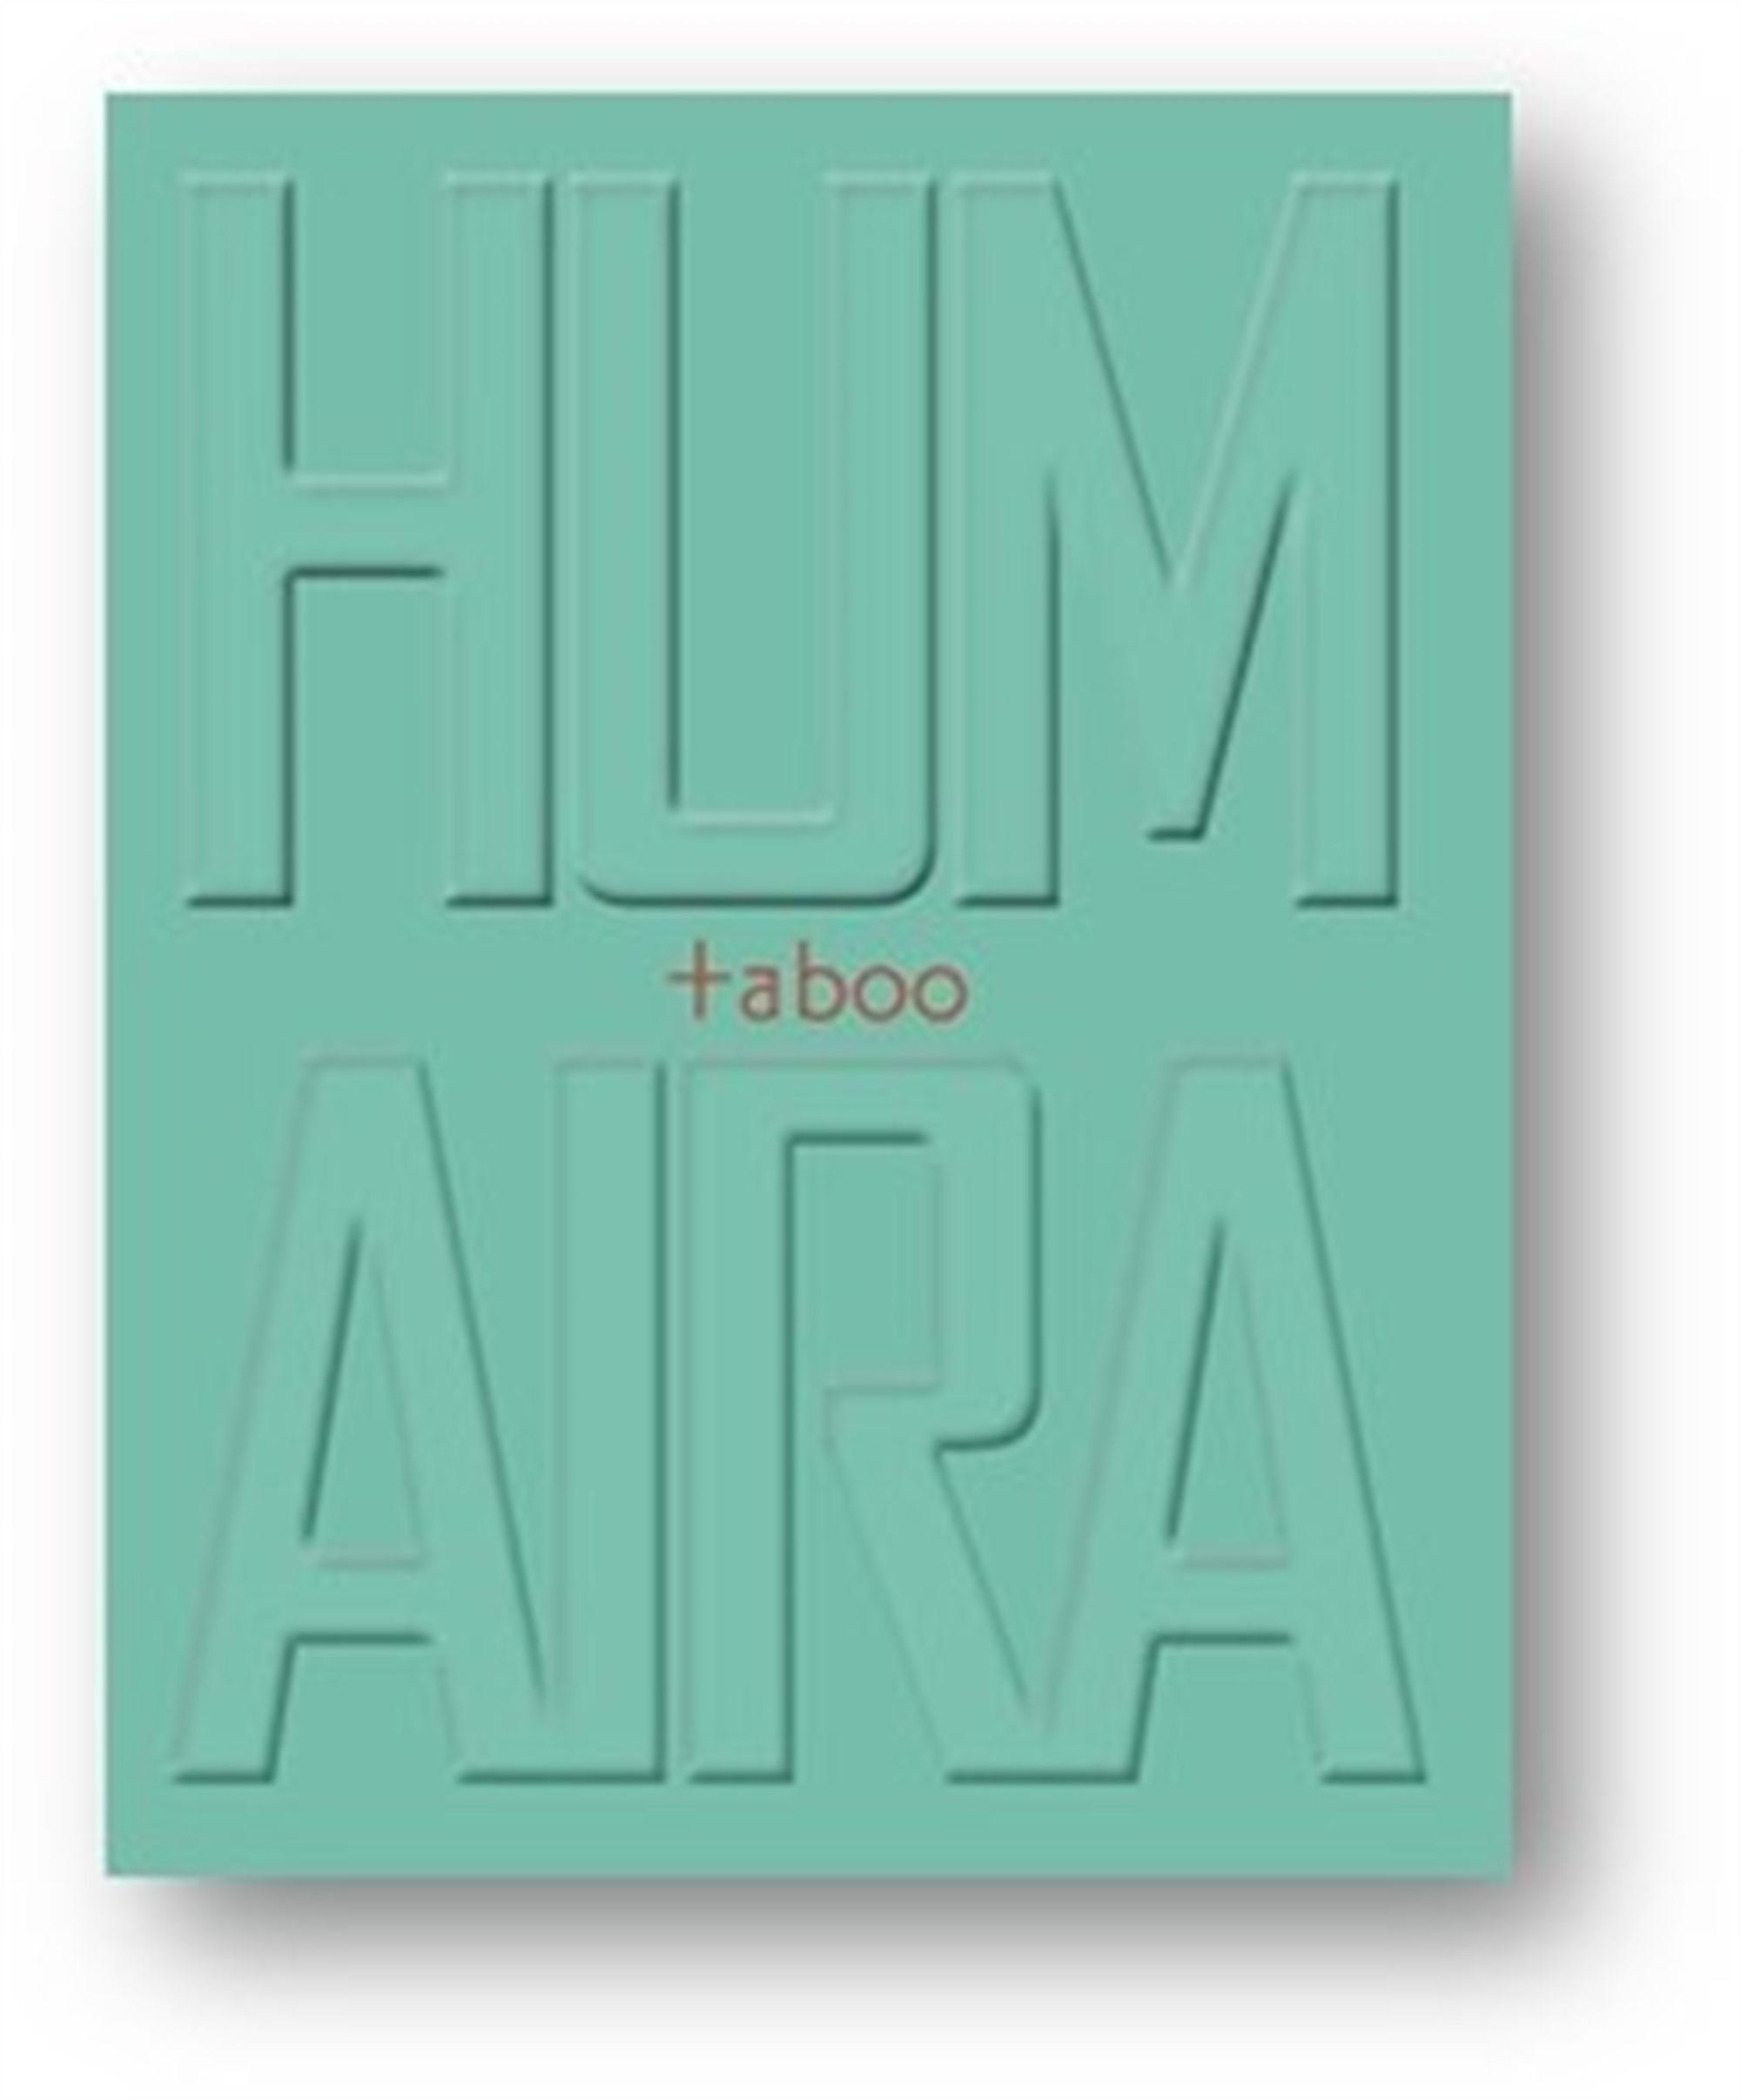 Taboo   Humaira Abid Catalog by Humaira Abid